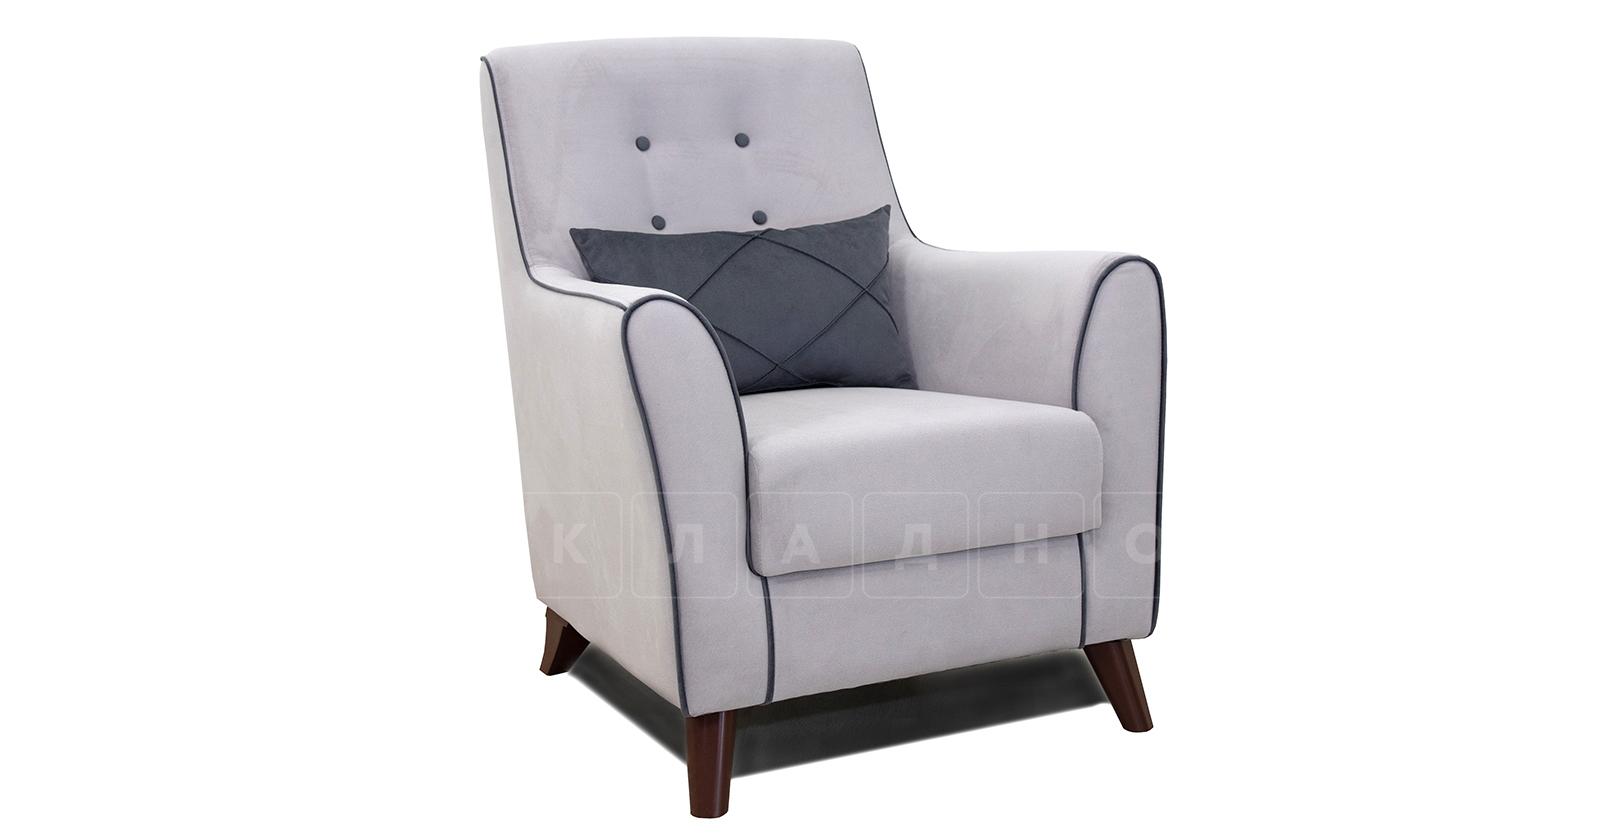 Кресло для отдыха Флэтфорд светло-серый фото 1   интернет-магазин Складно